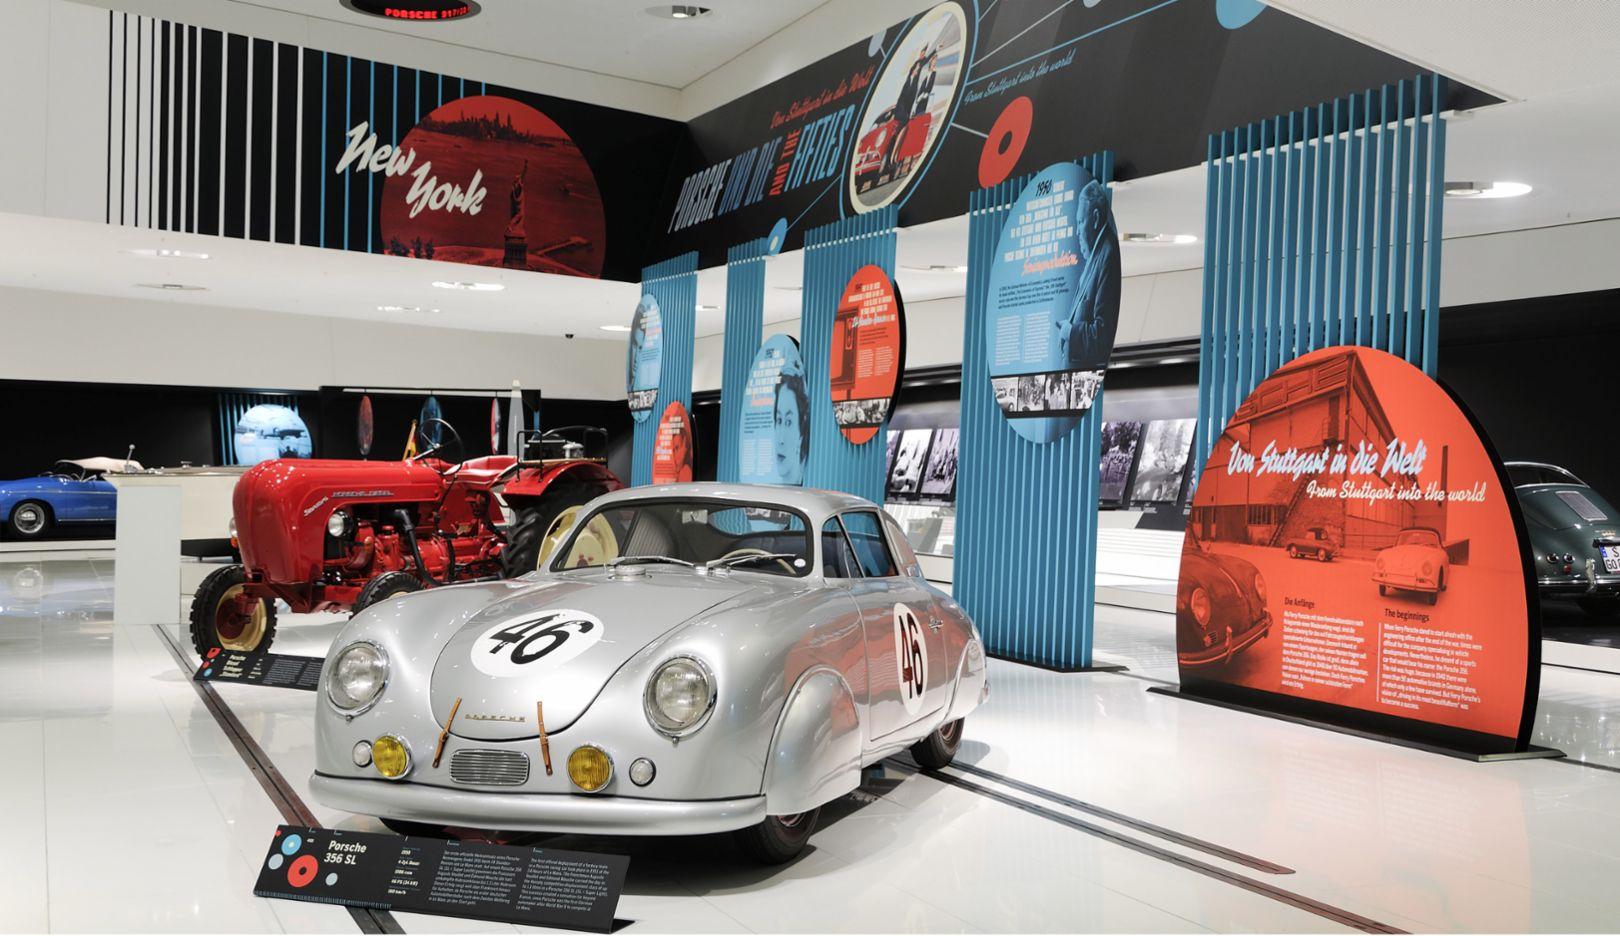 Porsche 356 SL, Sonderausstellung Porsche Museum, 2015, Porsche AG